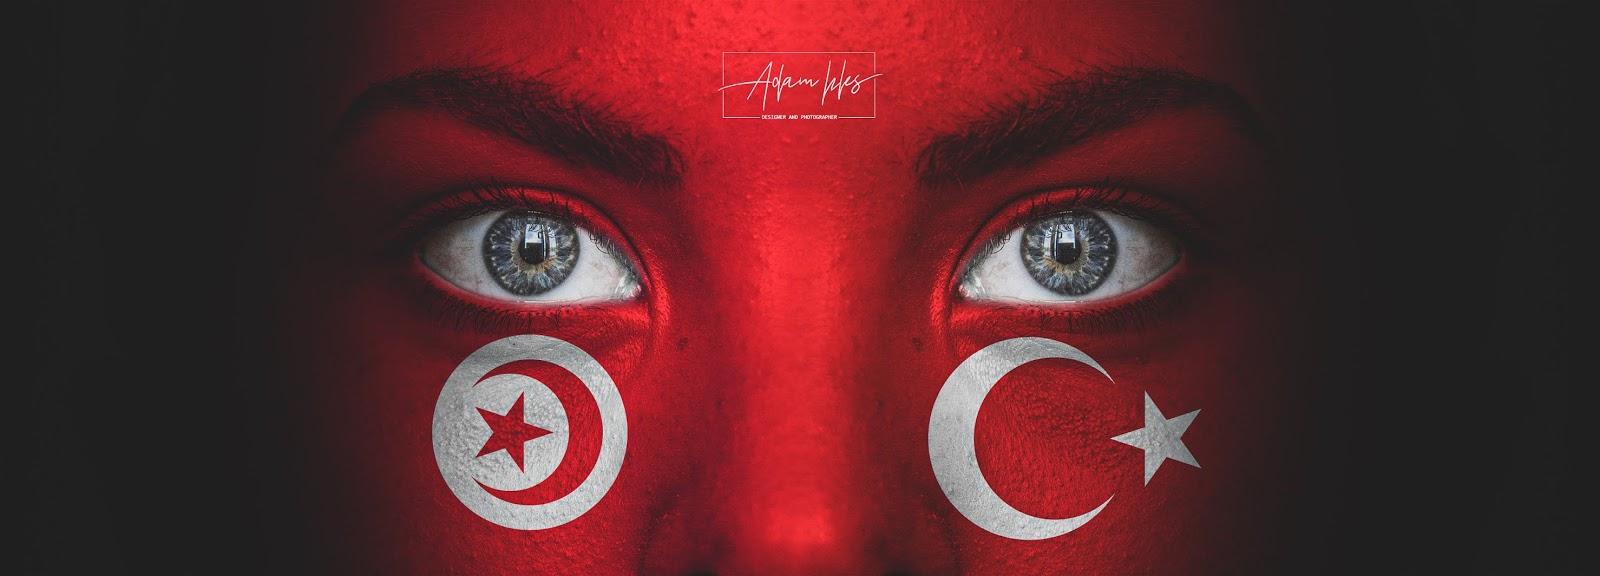 علم تركيا وعلم تونس